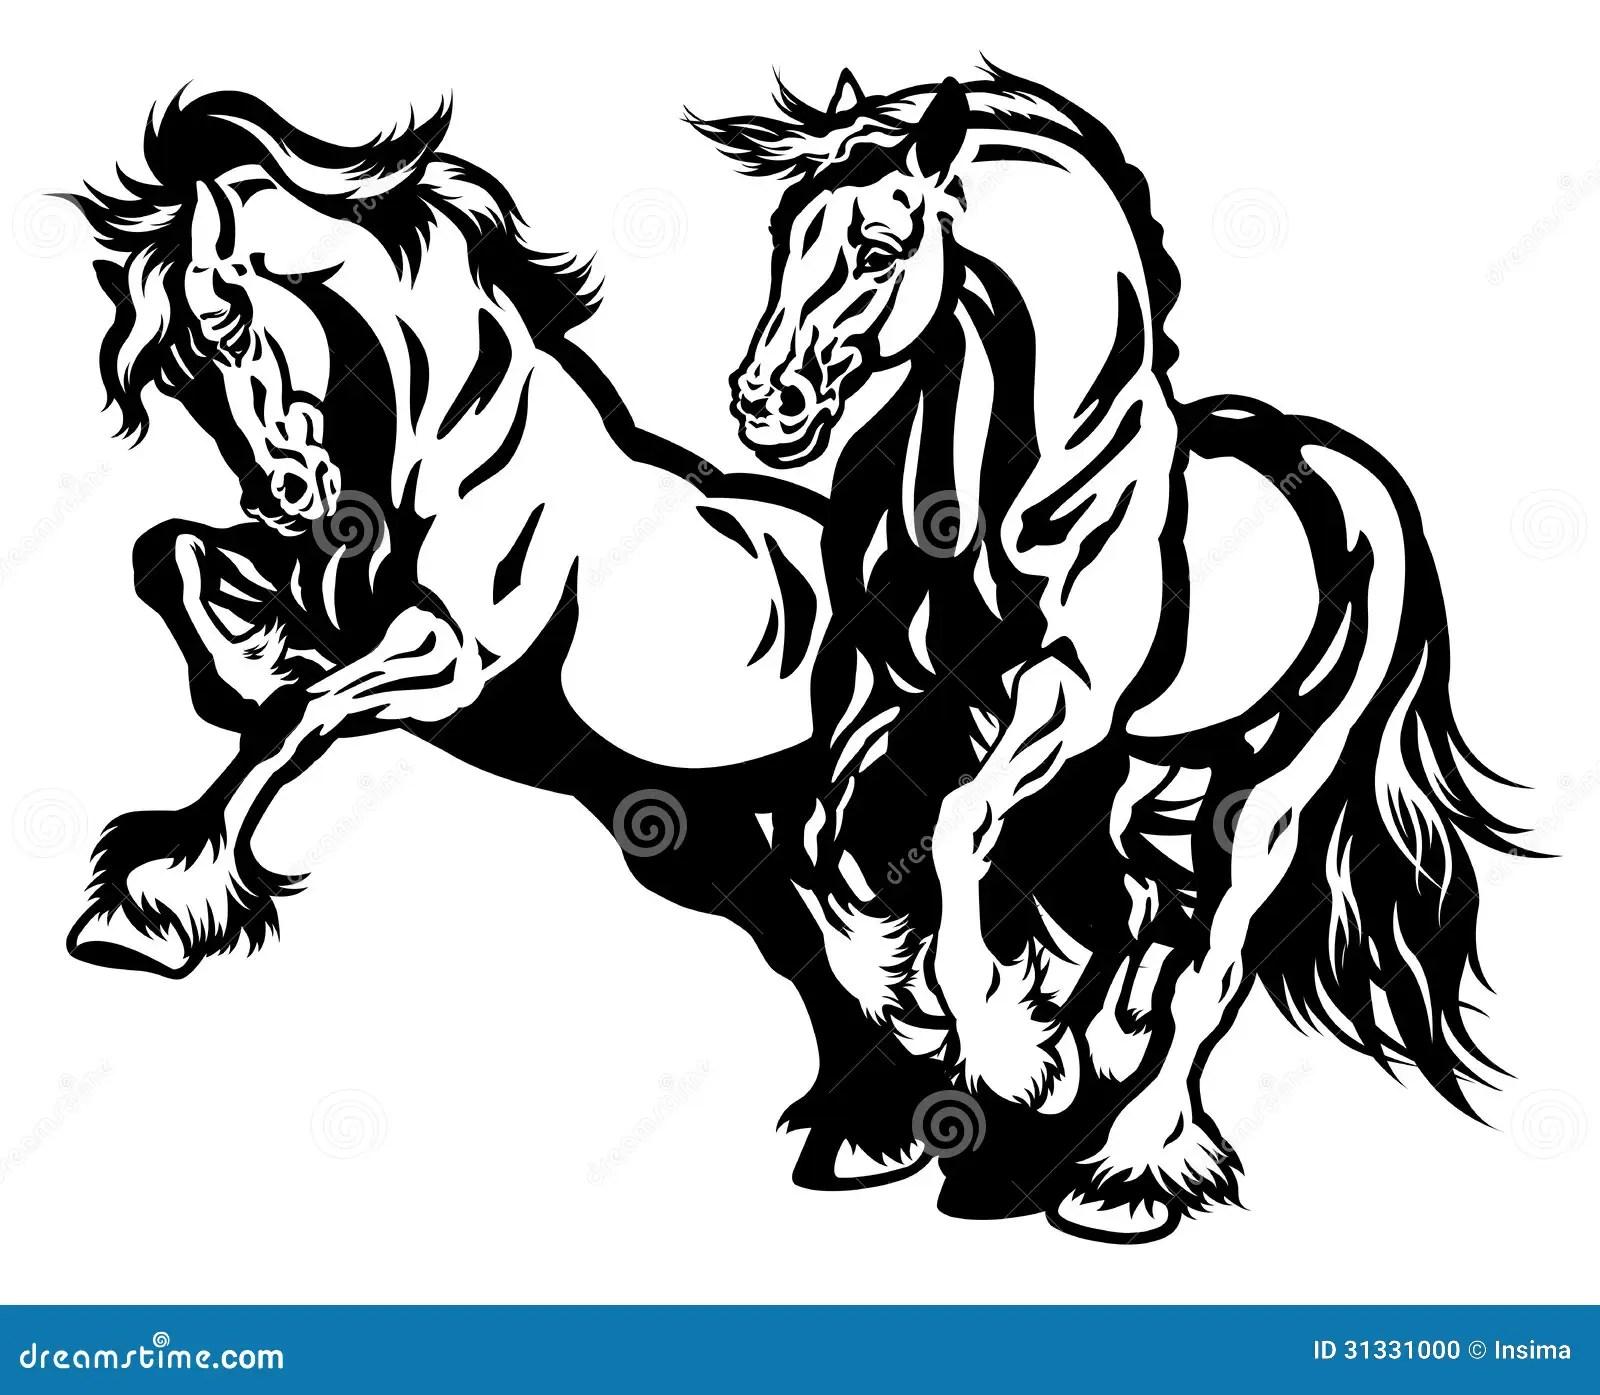 Two Draft Horses Black White Stock Vector